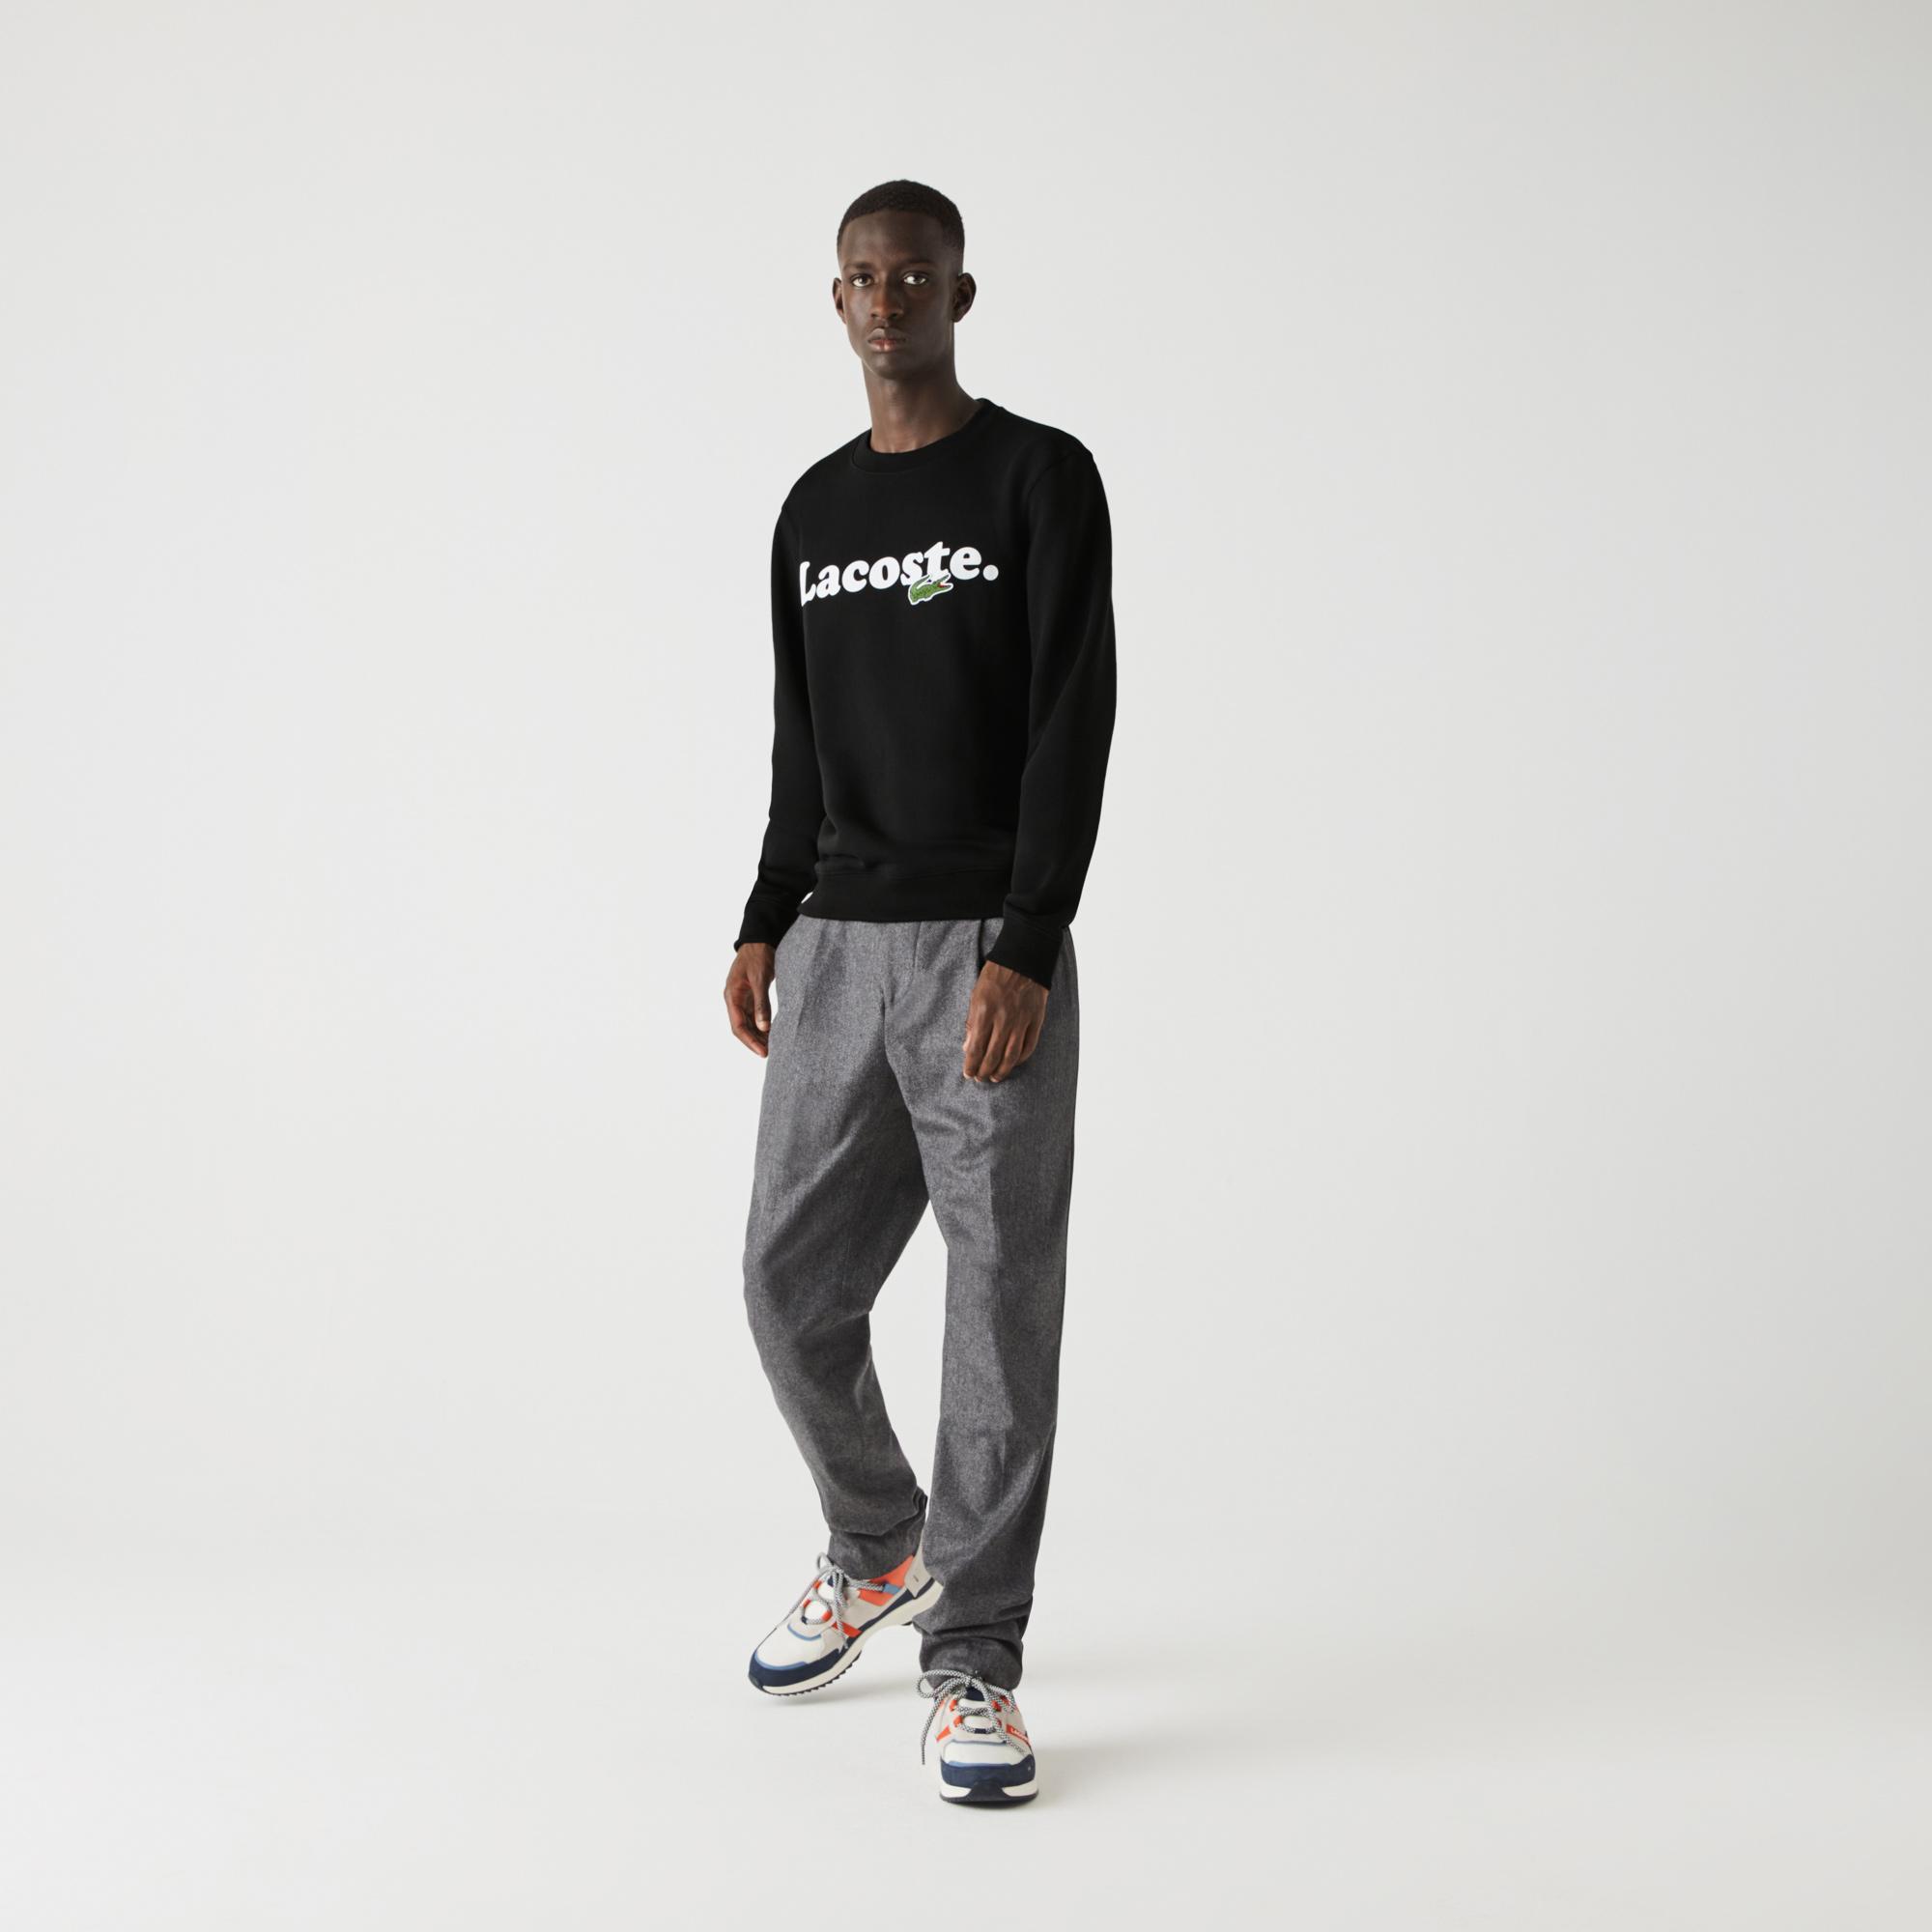 Lacoste Men's And Crocodile Branded Fleece Sweatshirt